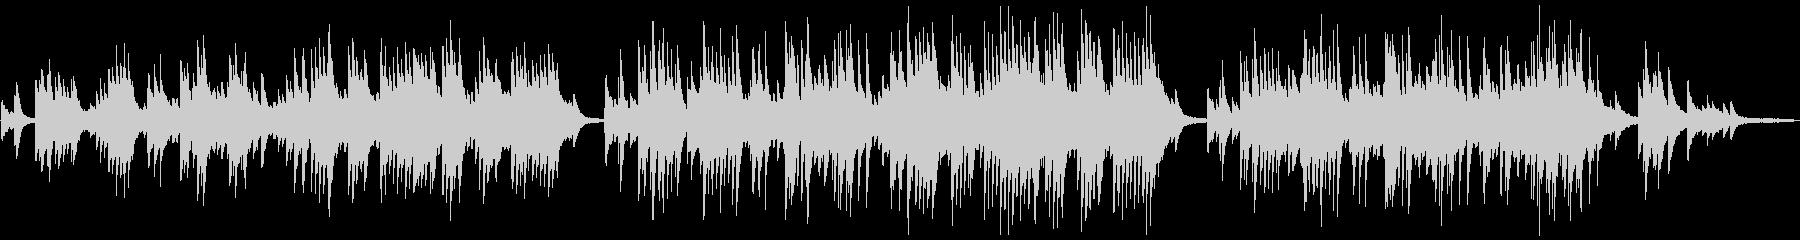 美しく切ない癒しのピアノバラードの未再生の波形